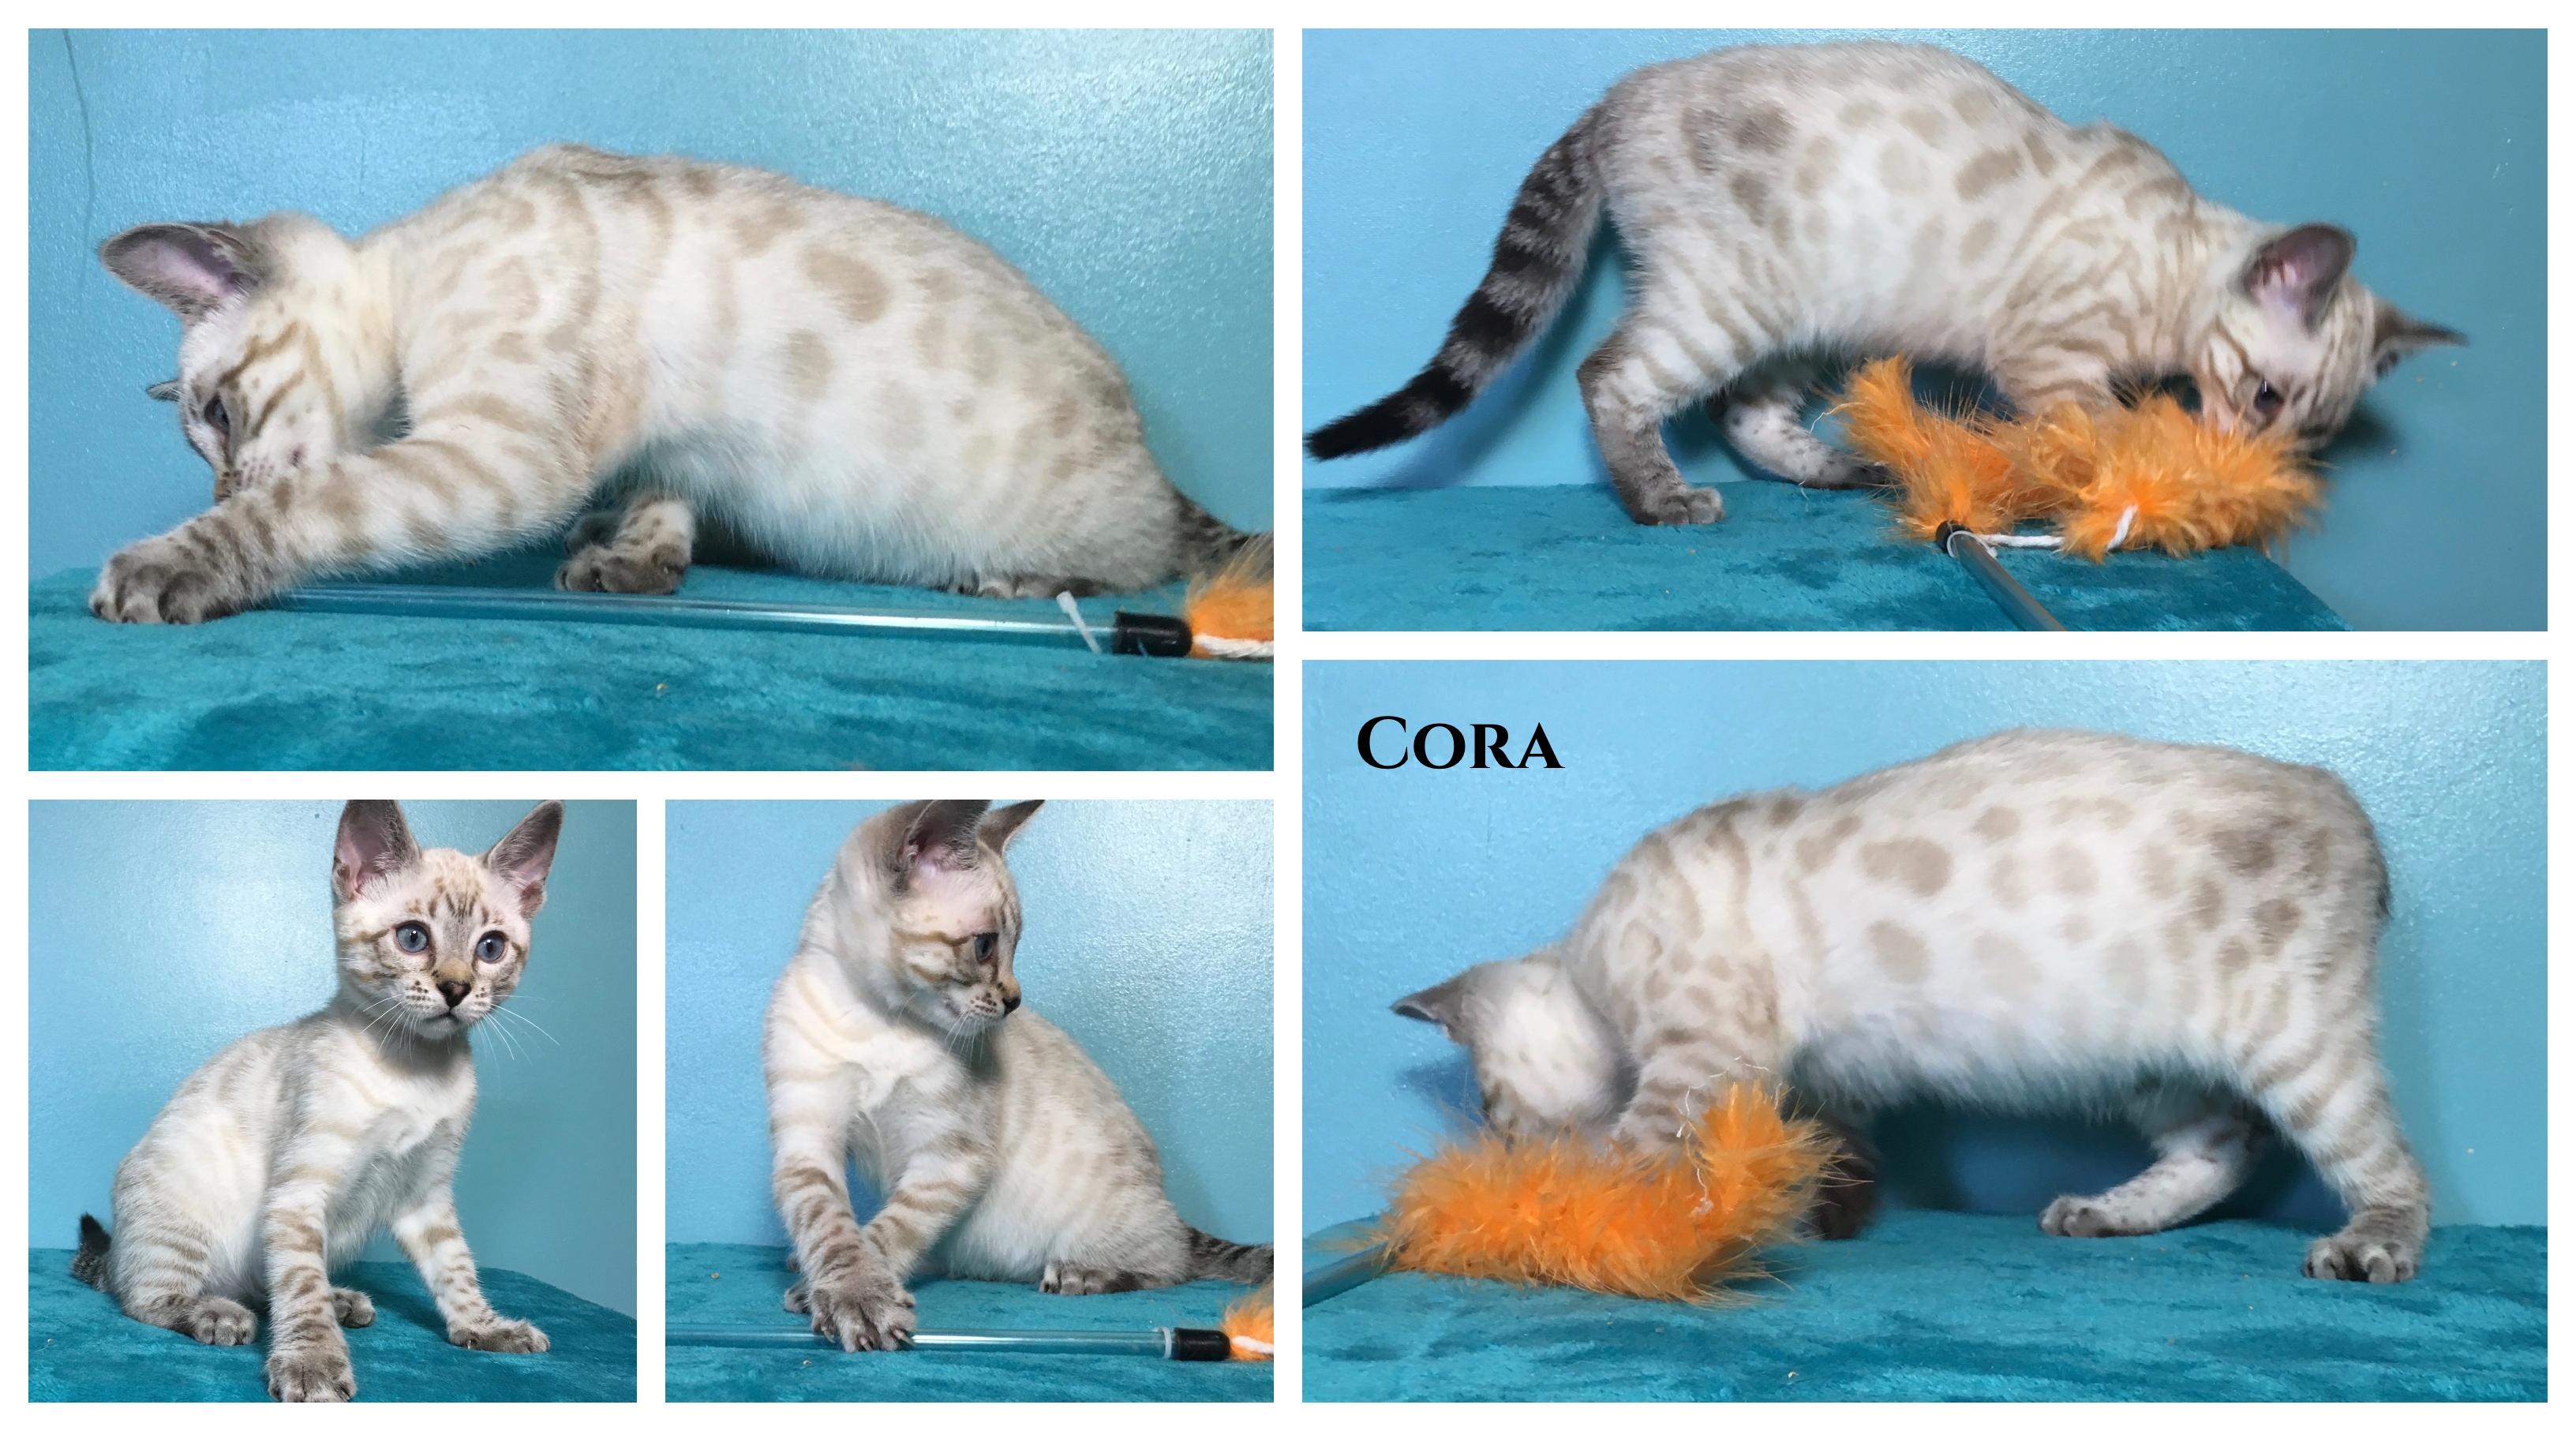 Cora 11 weeks